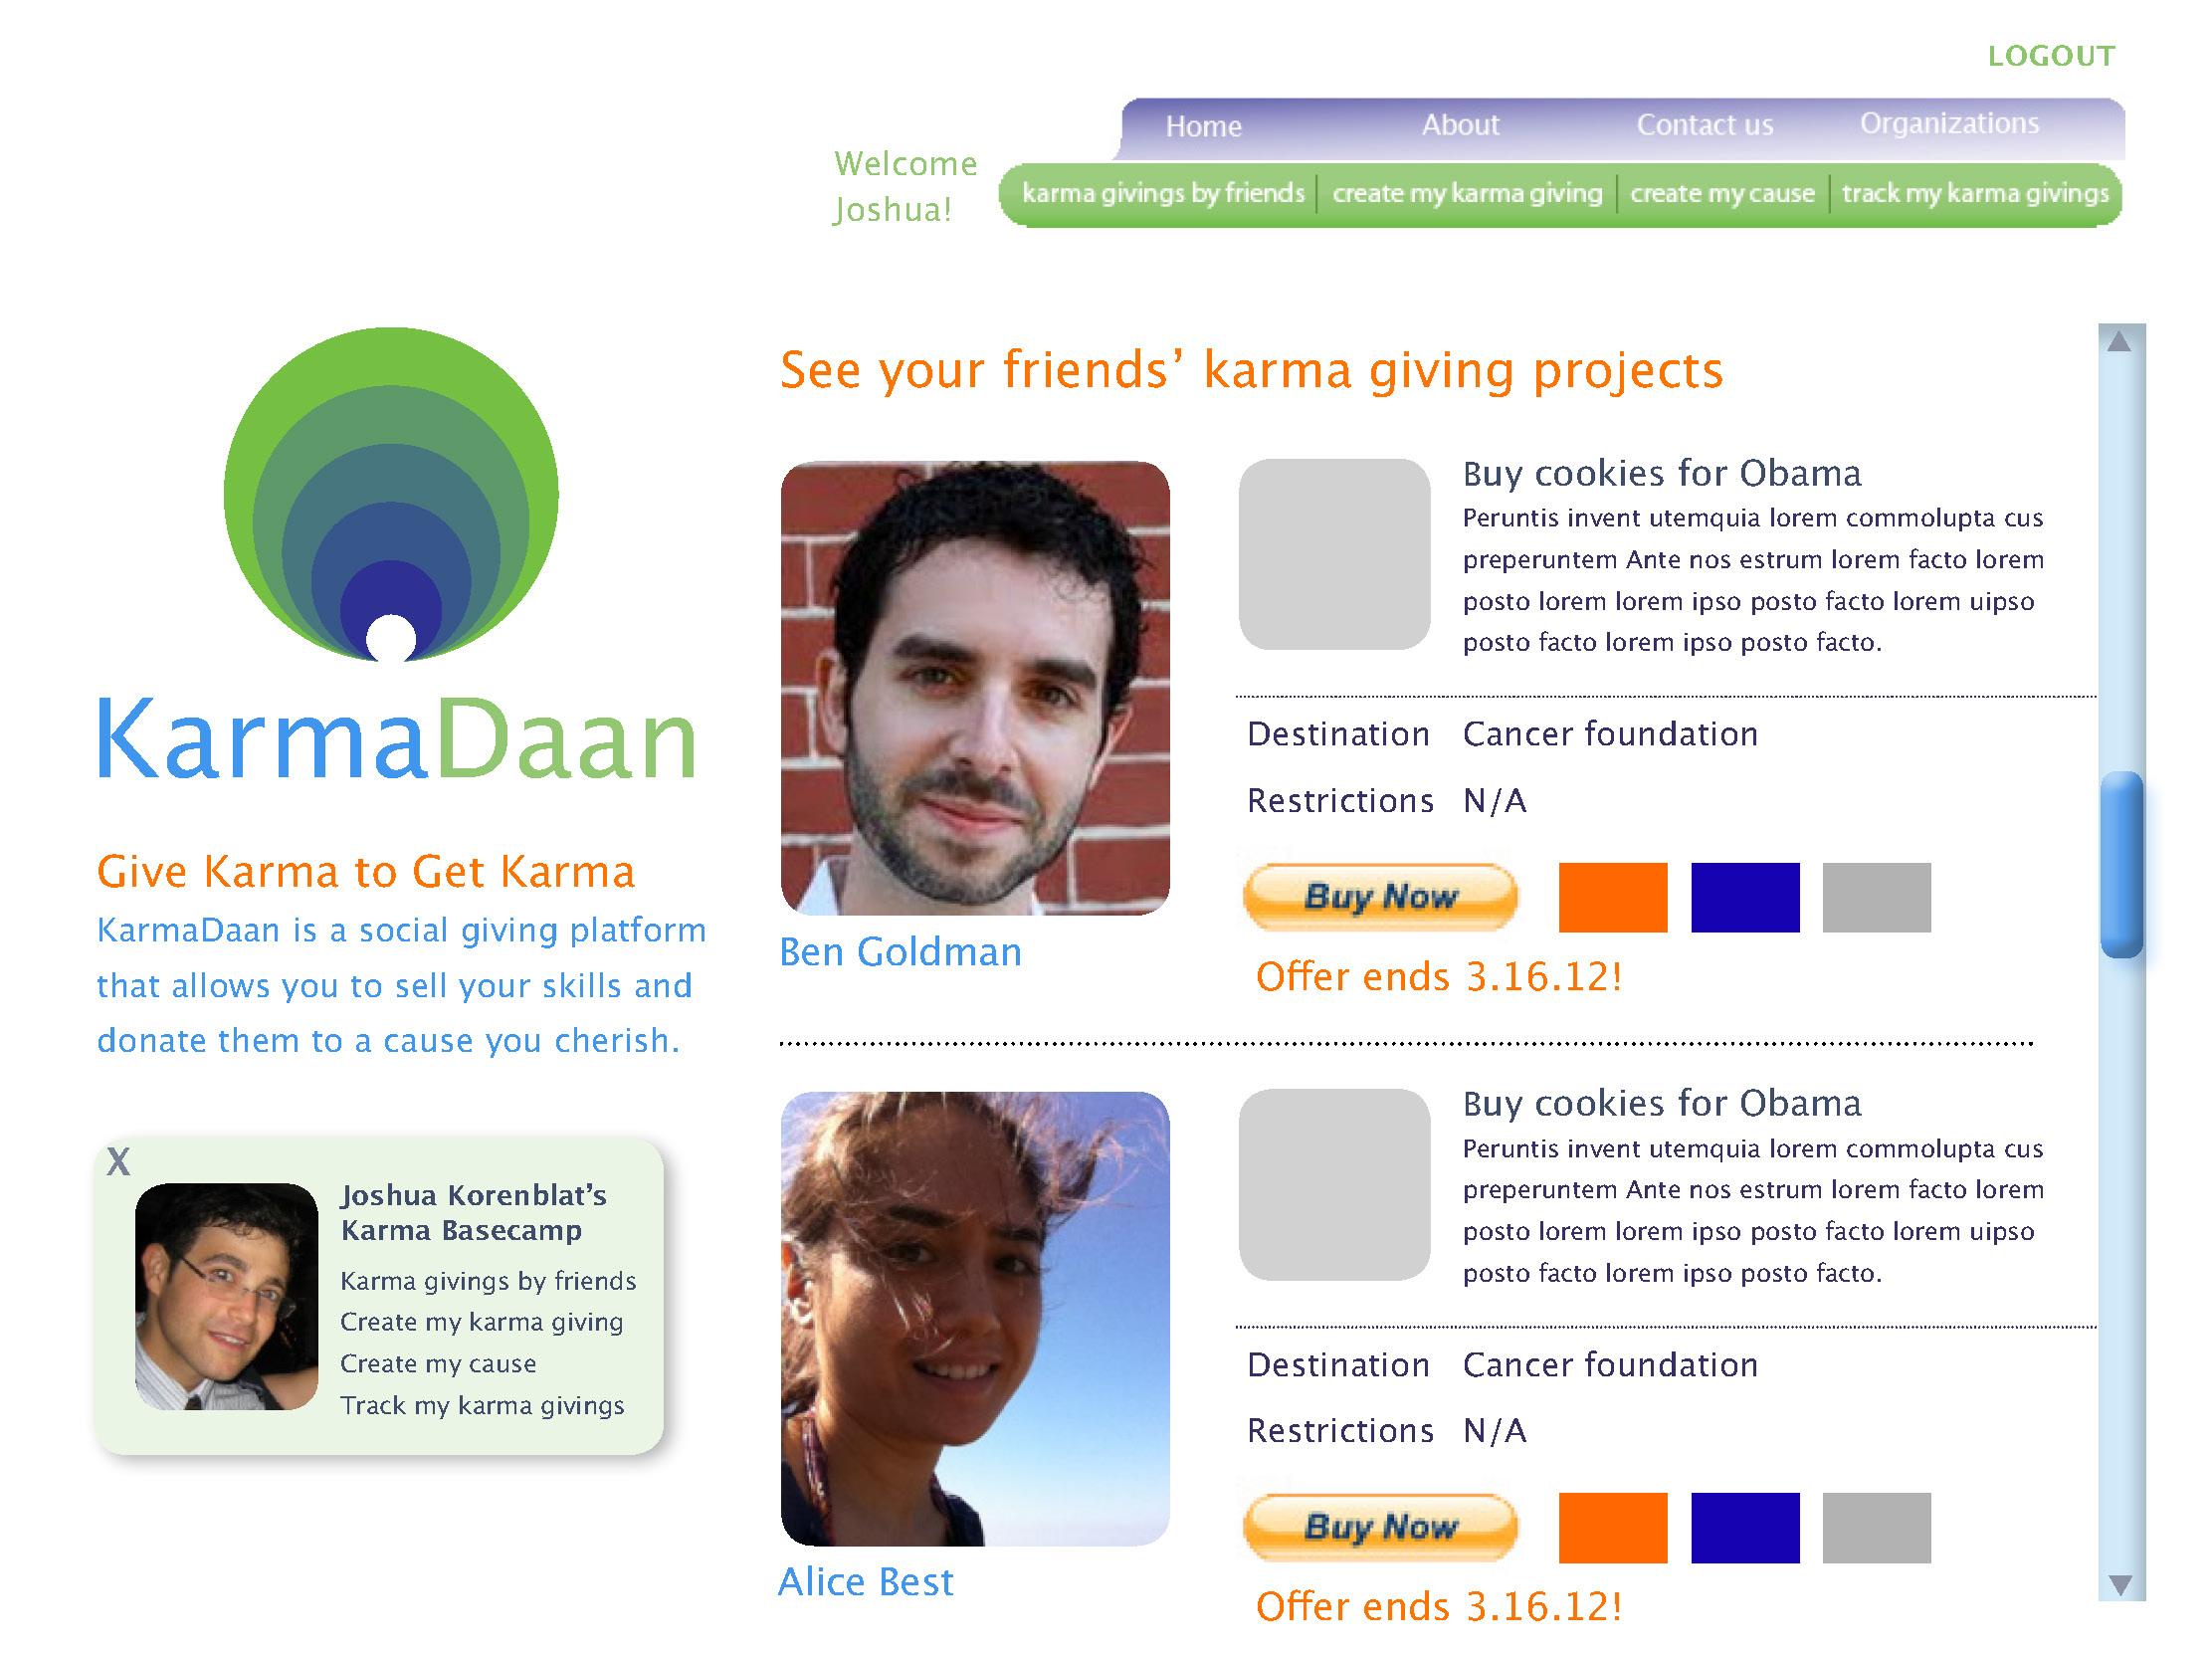 KarmaDaan-11-26-12_Page_08.jpg